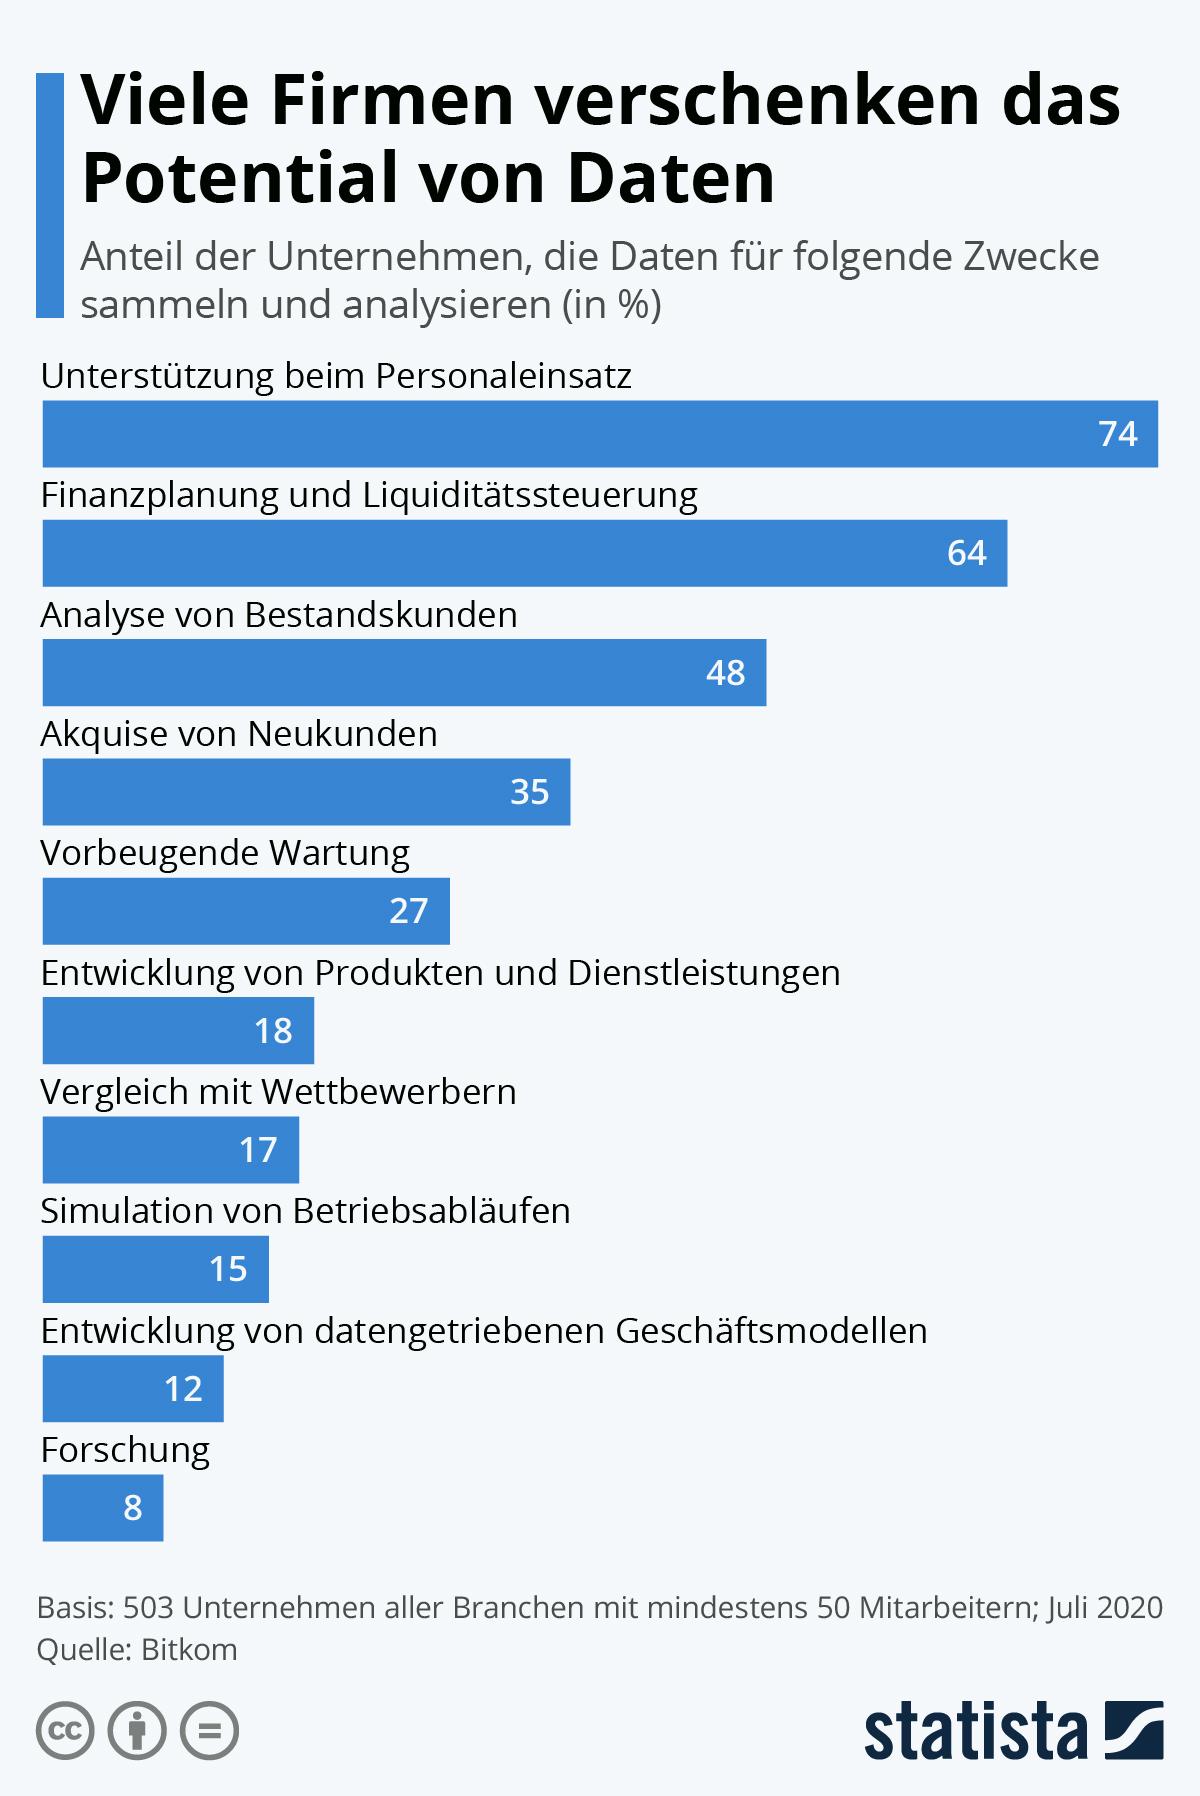 Infografik: Viele Firmen verschenken das Potential von Daten   Statista